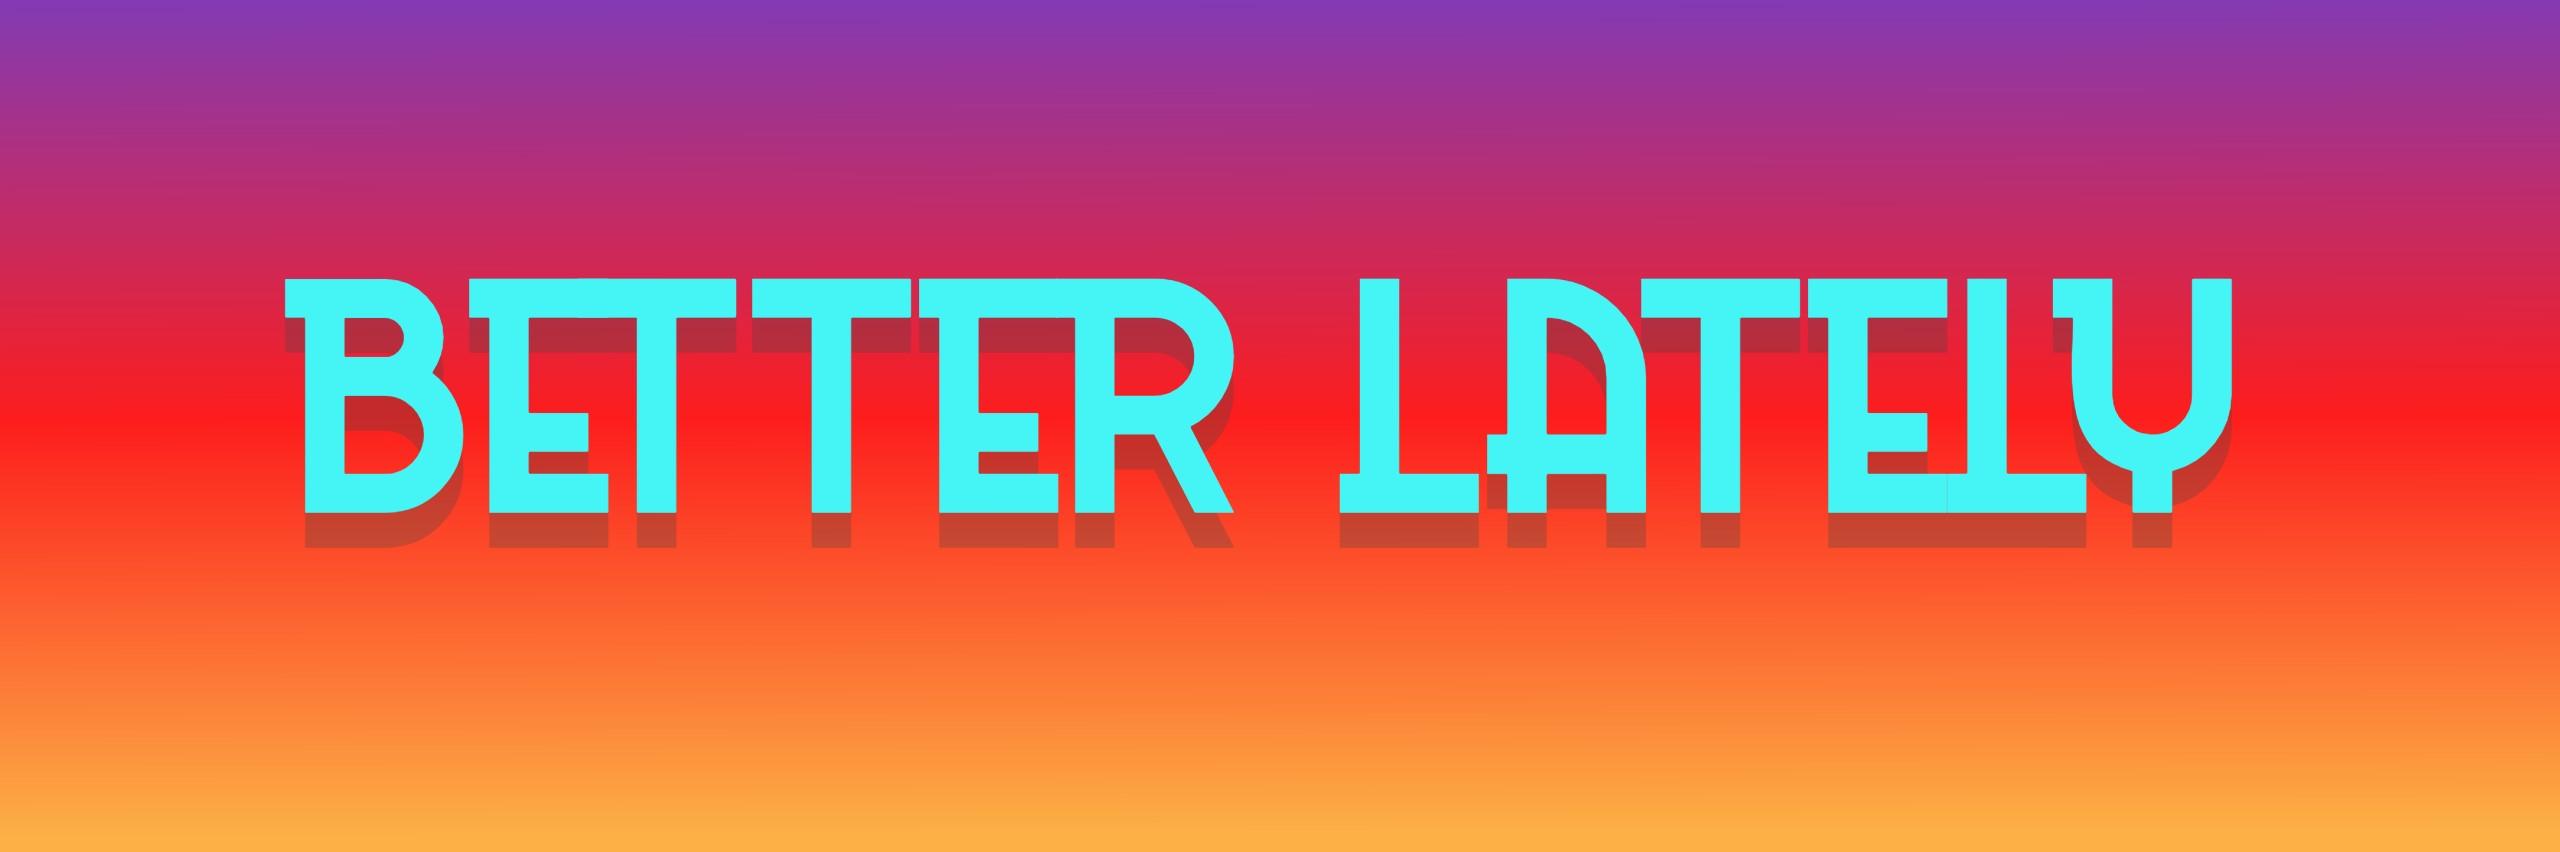 Better_Lately-header02